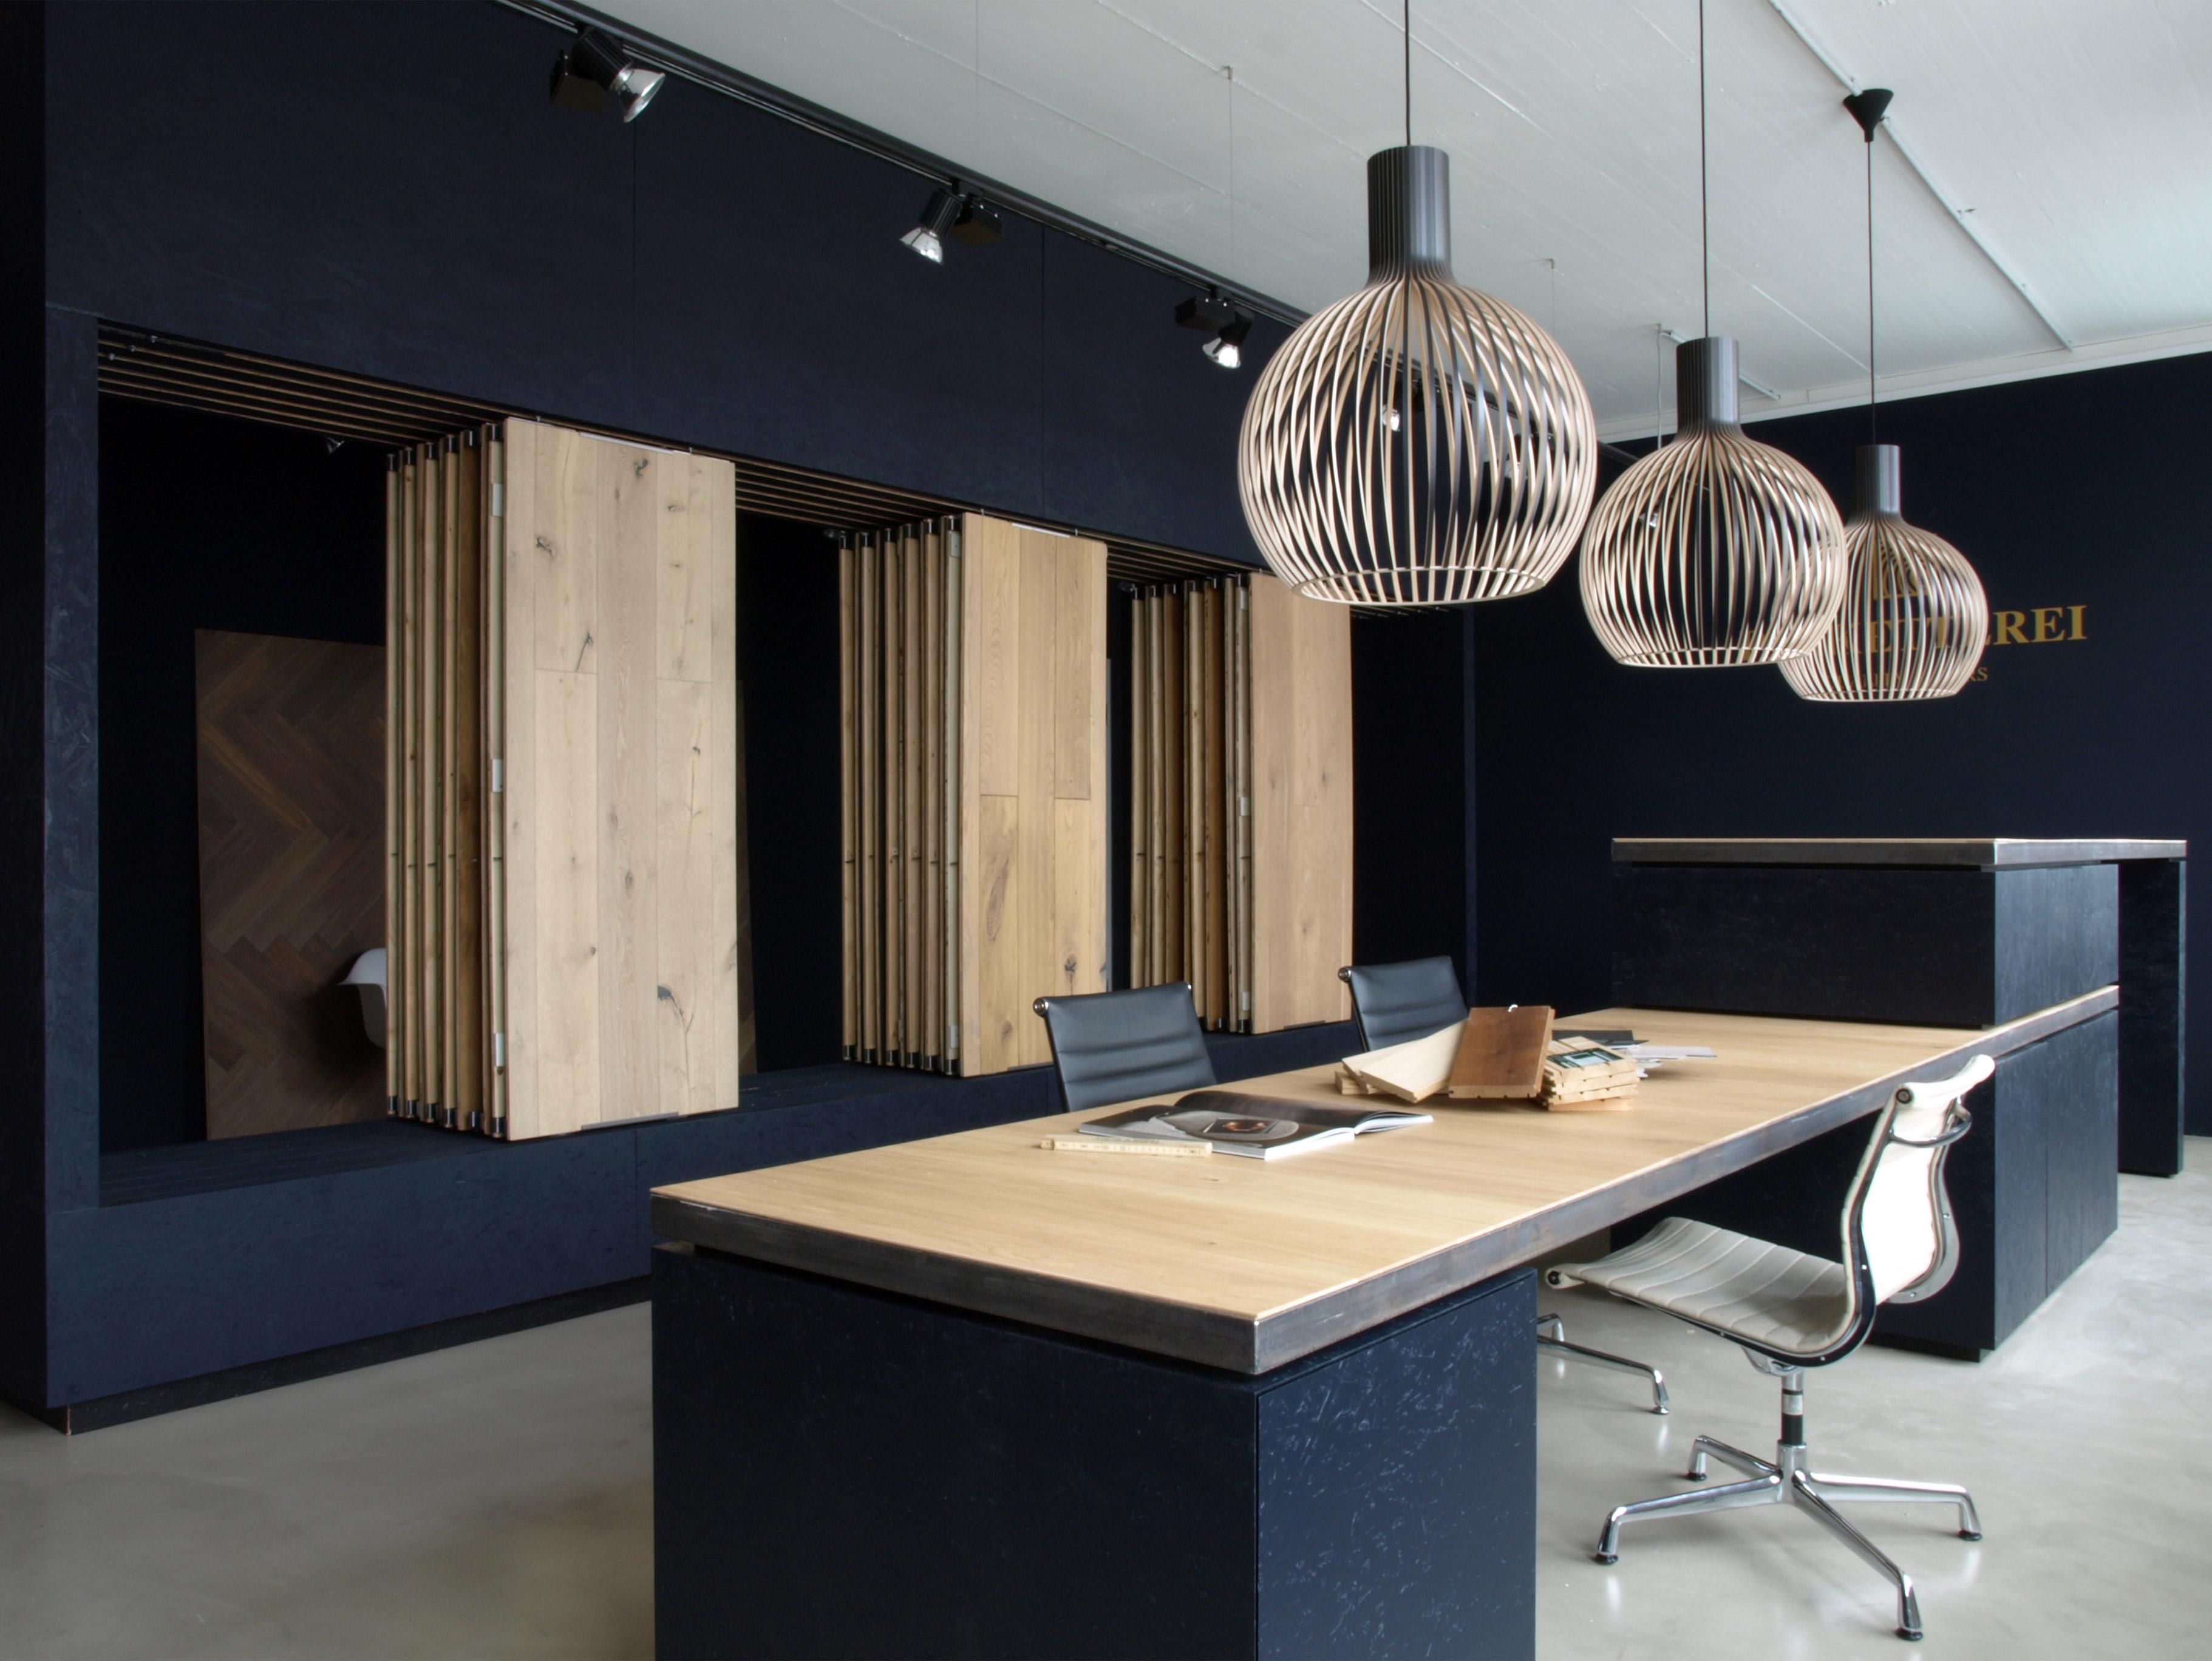 Parkettstudio - Innenausbau in München - Architekt in München